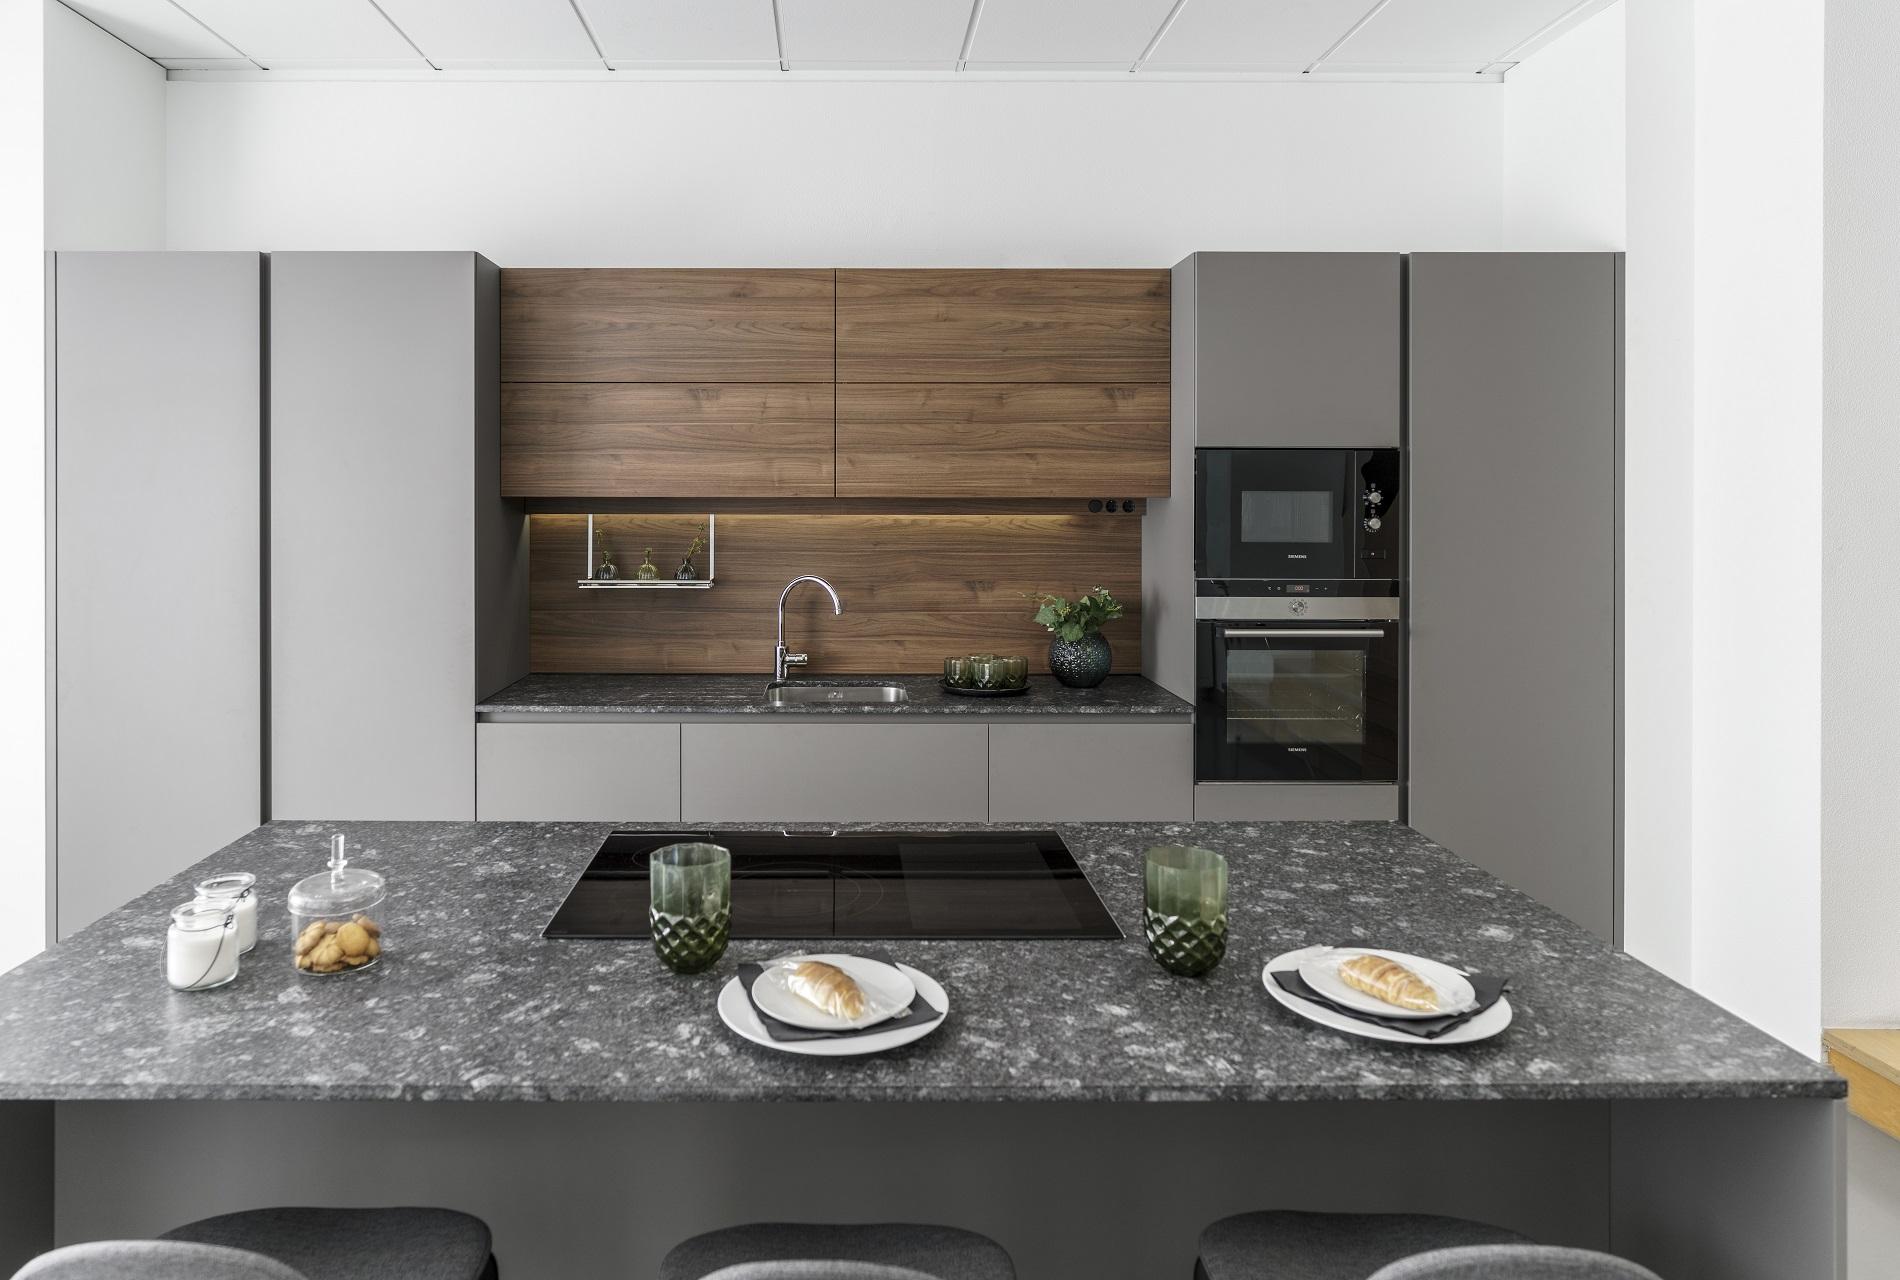 Image cocina-line-e-gris-vison-nogal-oferta